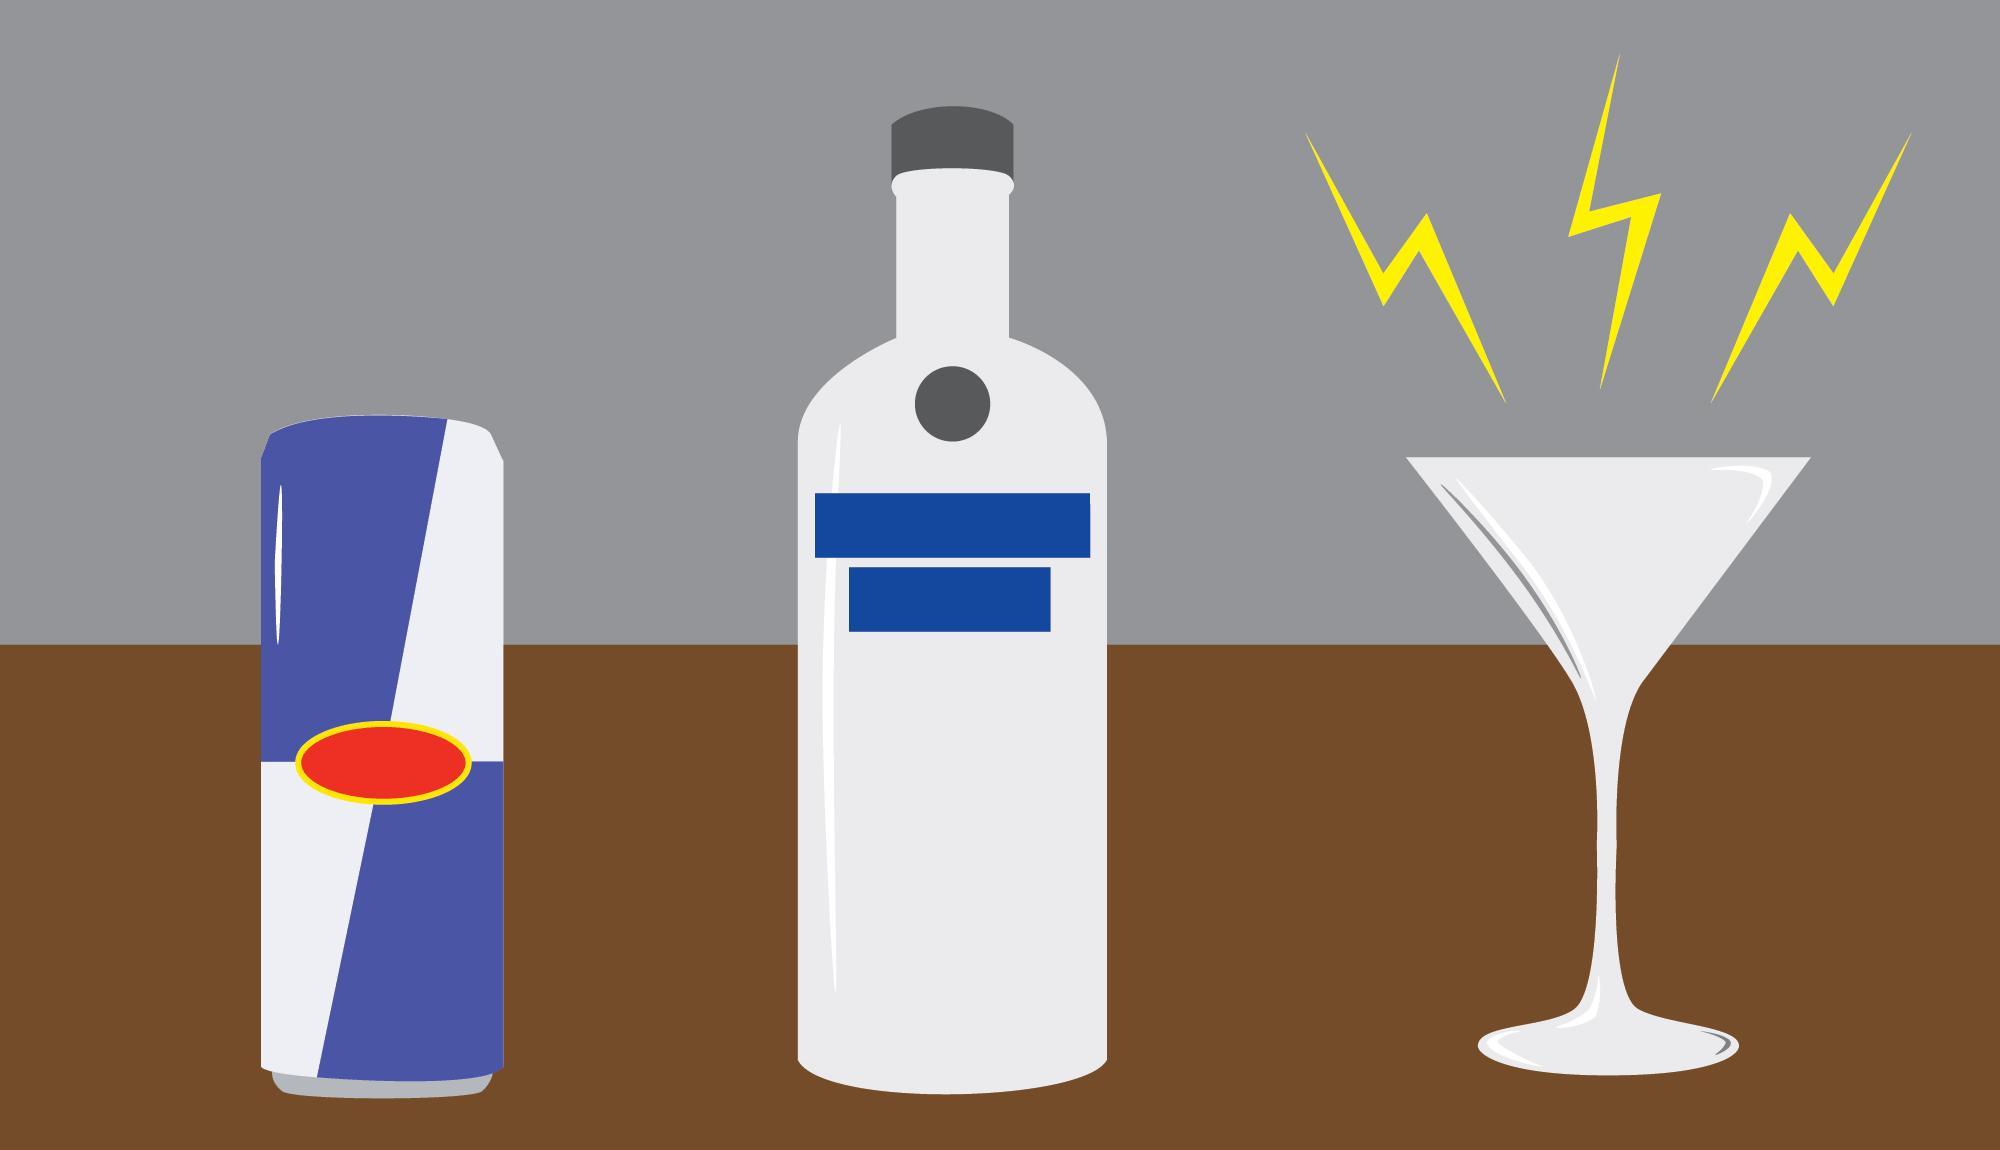 Энергетики и алкоголь: кажущееся «добавочное» опьянение